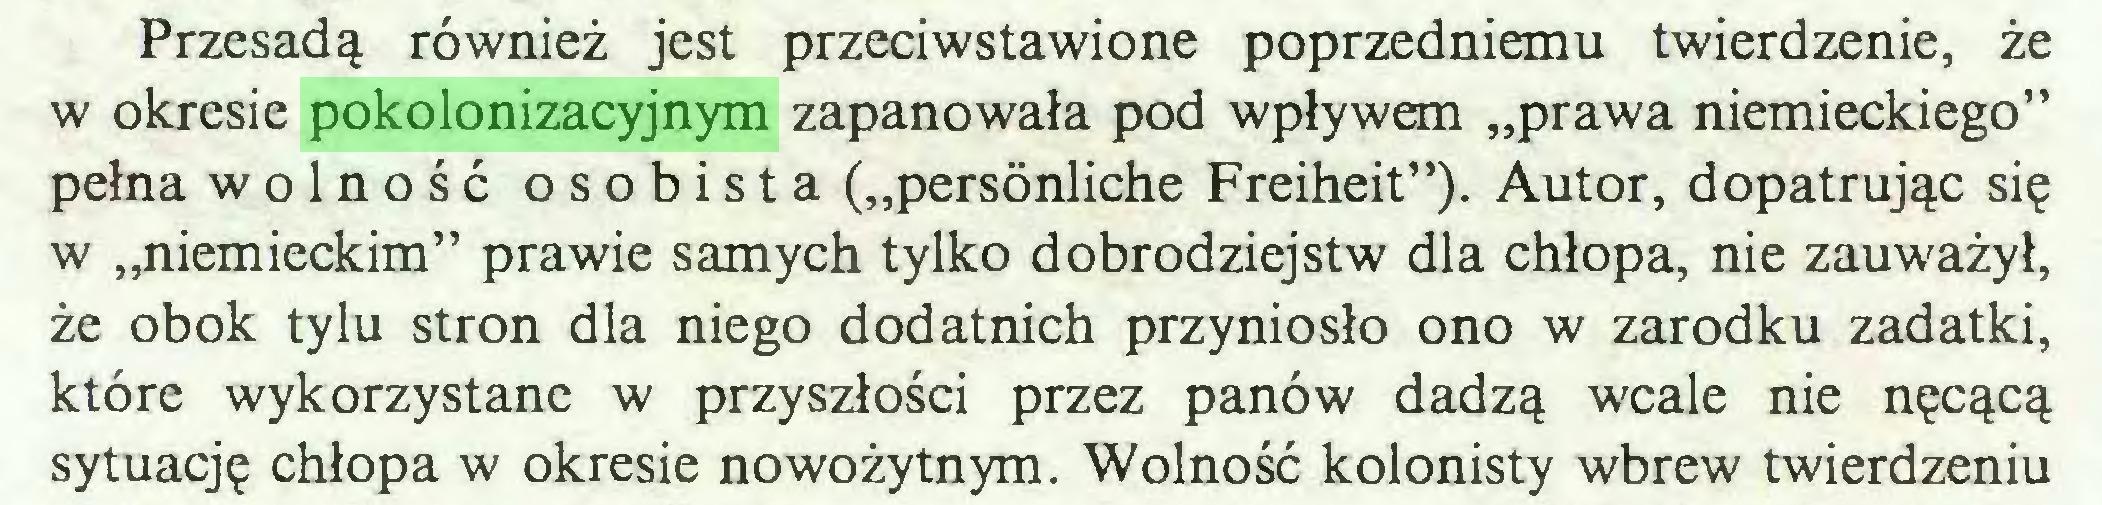 """(...) Przesadą również jest przeciwstawione poprzedniemu twierdzenie, że w okresie pokolonizacyjnym zapanowała pod wpływem """"prawa niemieckiego"""" pełna wolność osobista (""""persönliche Freiheit""""). Autor, dopatrując się w """"niemieckim"""" prawie samych tylko dobrodziejstw dla chłopa, nie zauważył, że obok tylu stron dla niego dodatnich przyniosło ono w zarodku zadatki, które wykorzystane w przyszłości przez panów dadzą wcale nie nęcącą sytuację chłopa w okresie nowożytnym. Wolność kolonisty wbrew twierdzeniu..."""